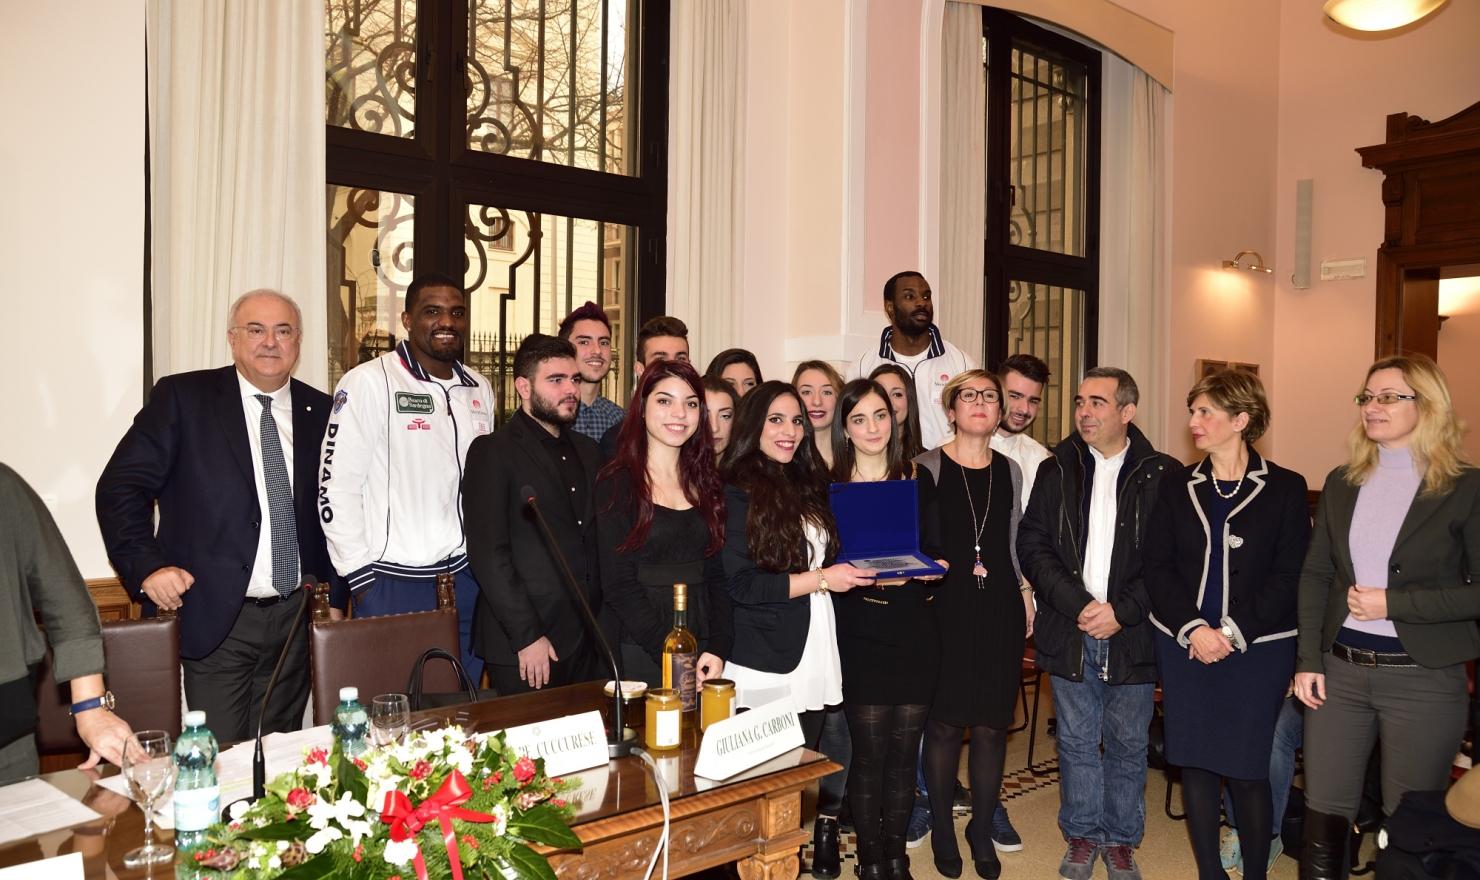 Banco Di Sardegna Lavoro Offerte : I giganti alla premiazione del concorso u cil banco di sardegna per